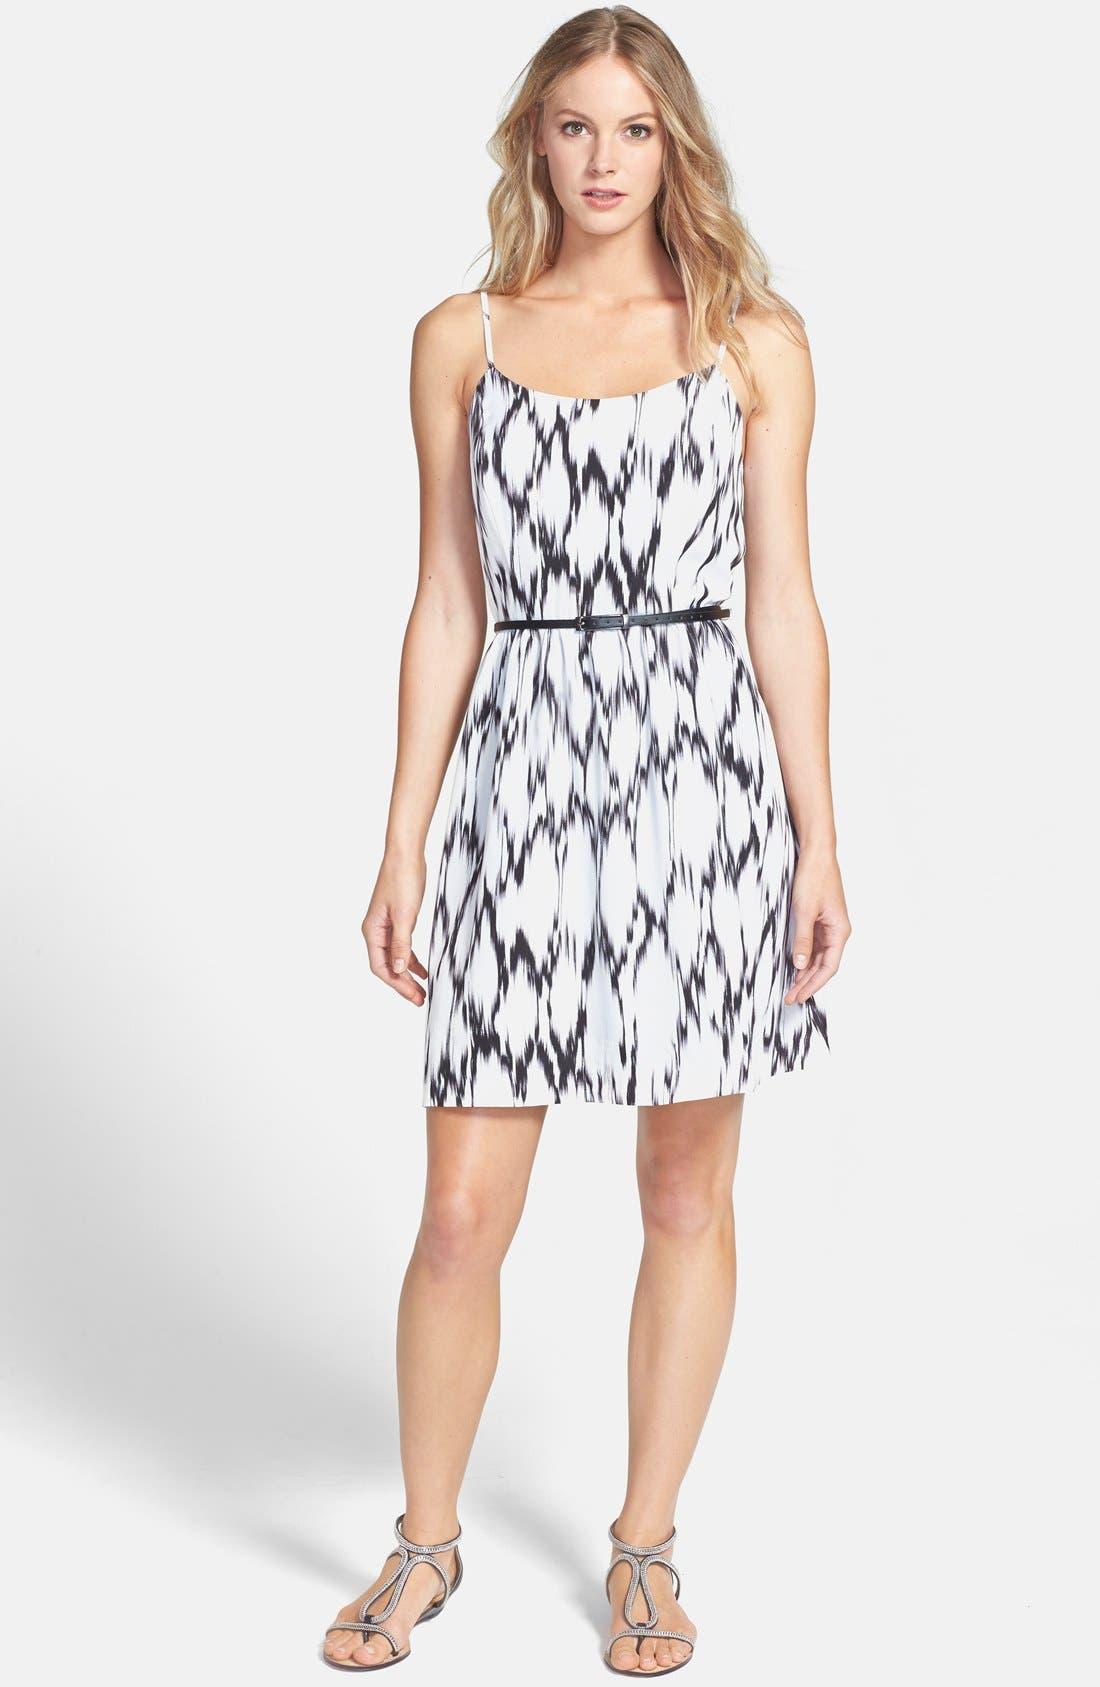 Alternate Image 1 Selected - kensie 'Streaked Spots' Fit & Flare Dress